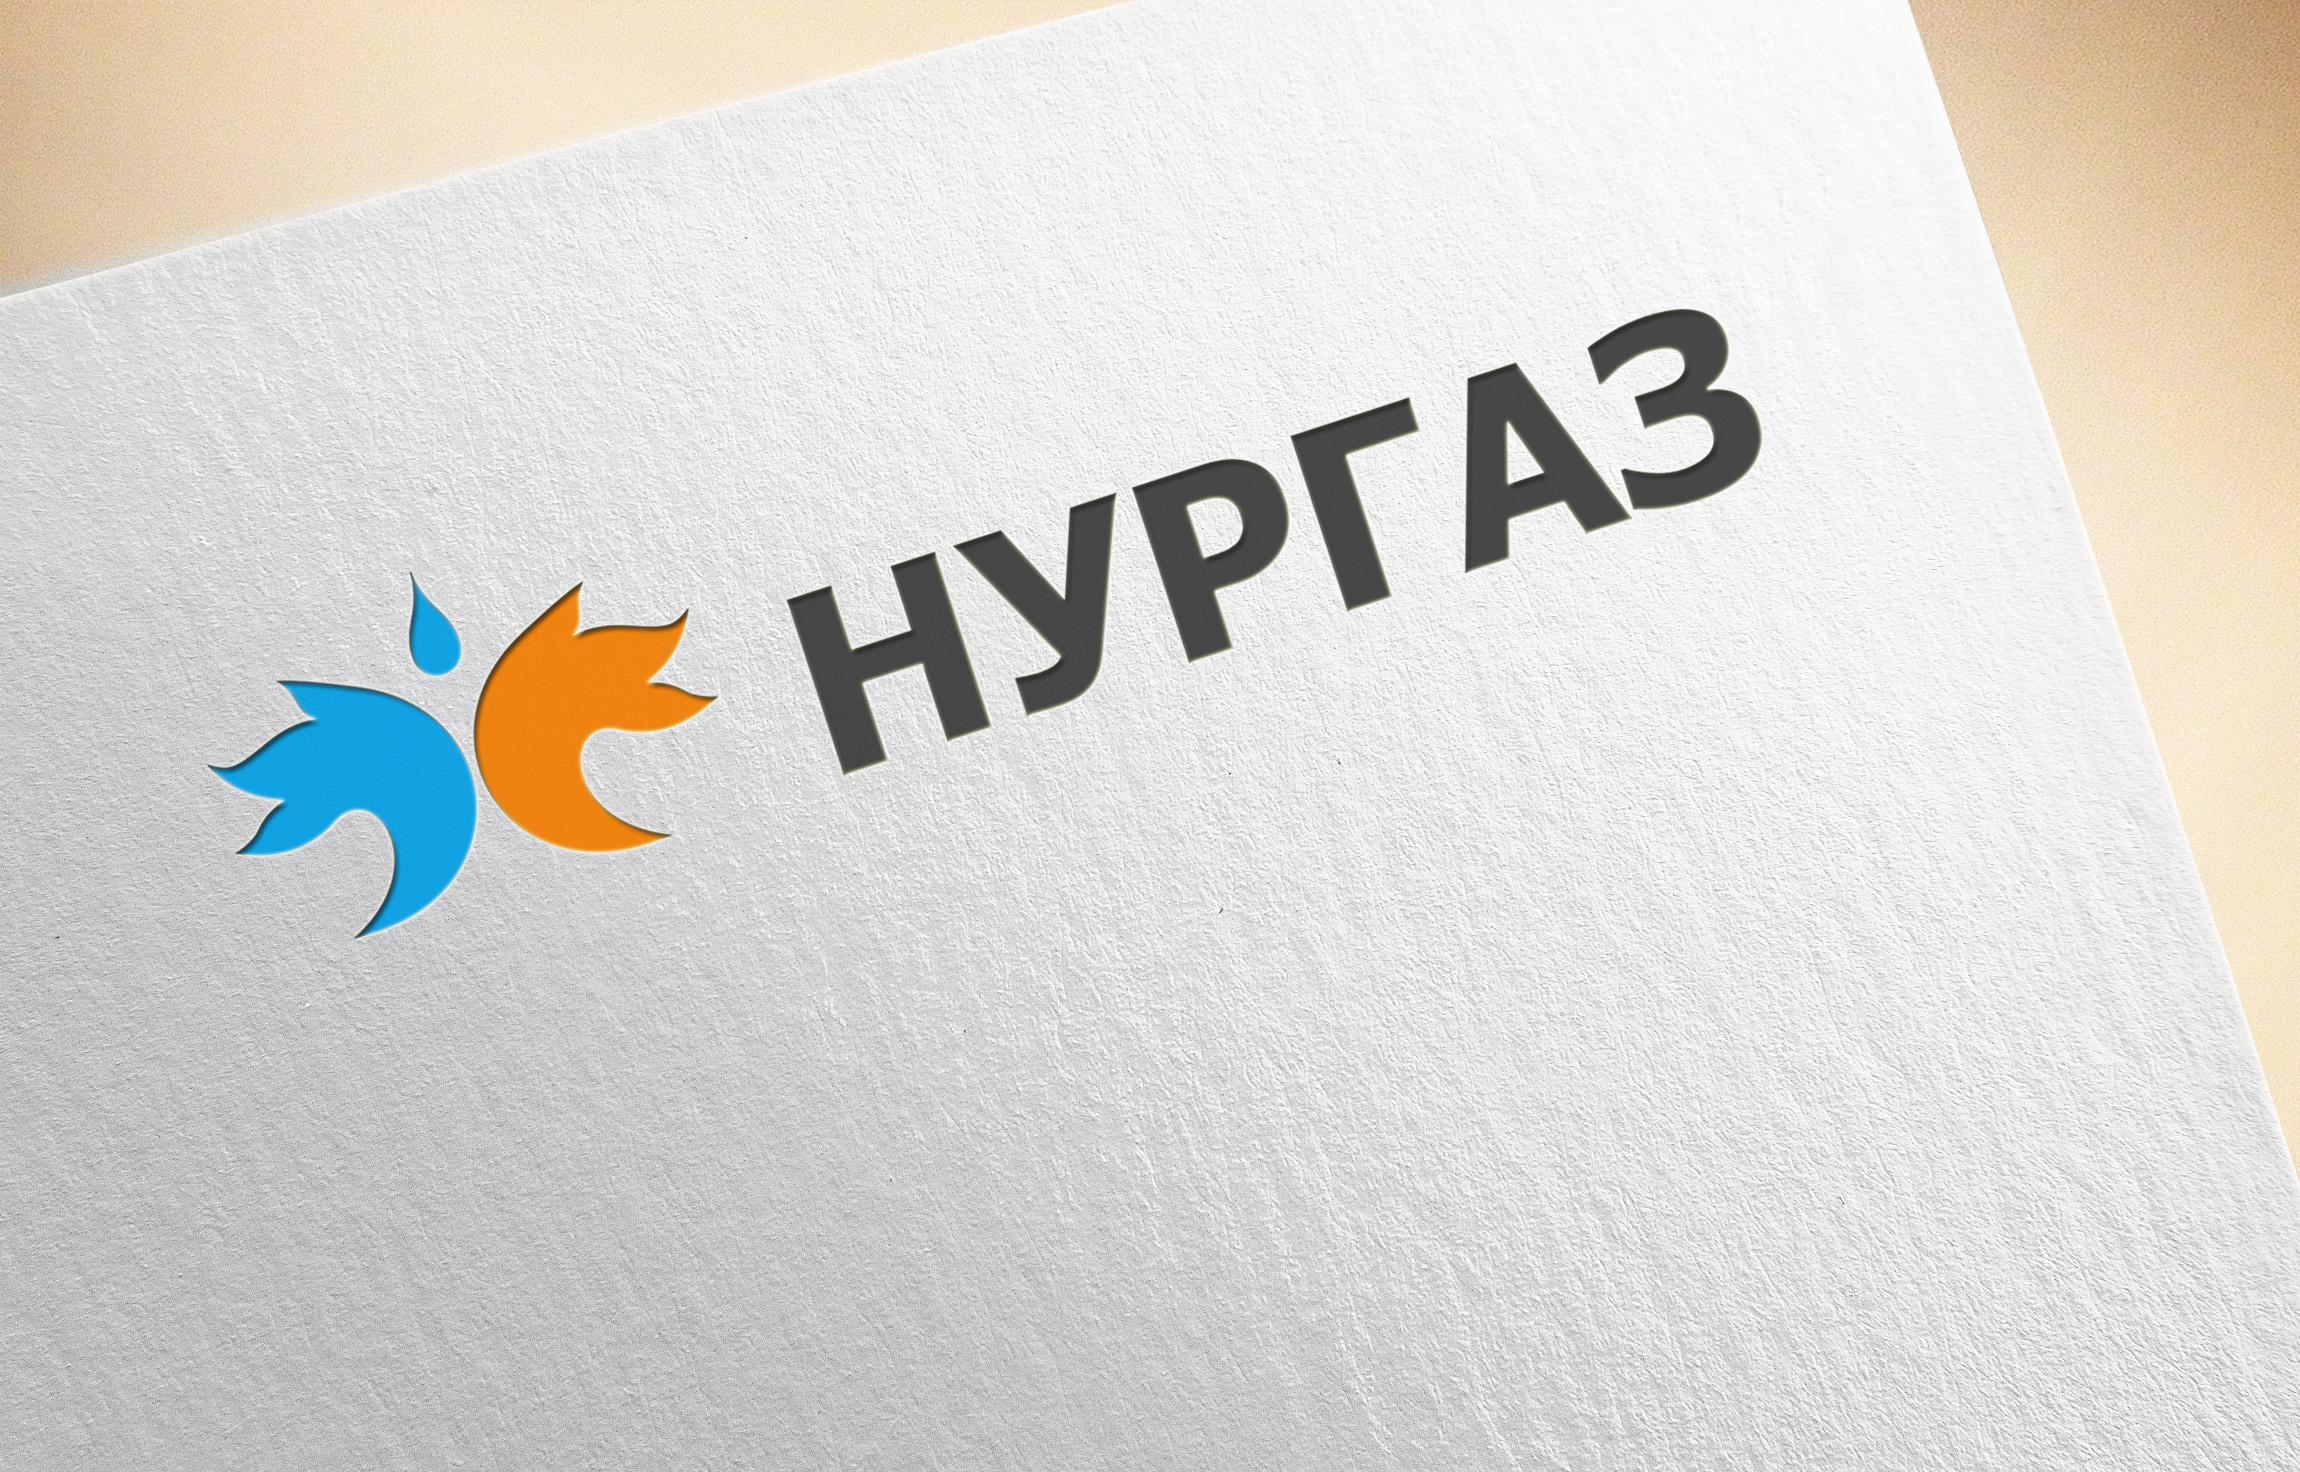 Разработка логотипа и фирменного стиля фото f_5245d99dbe2590d4.jpg